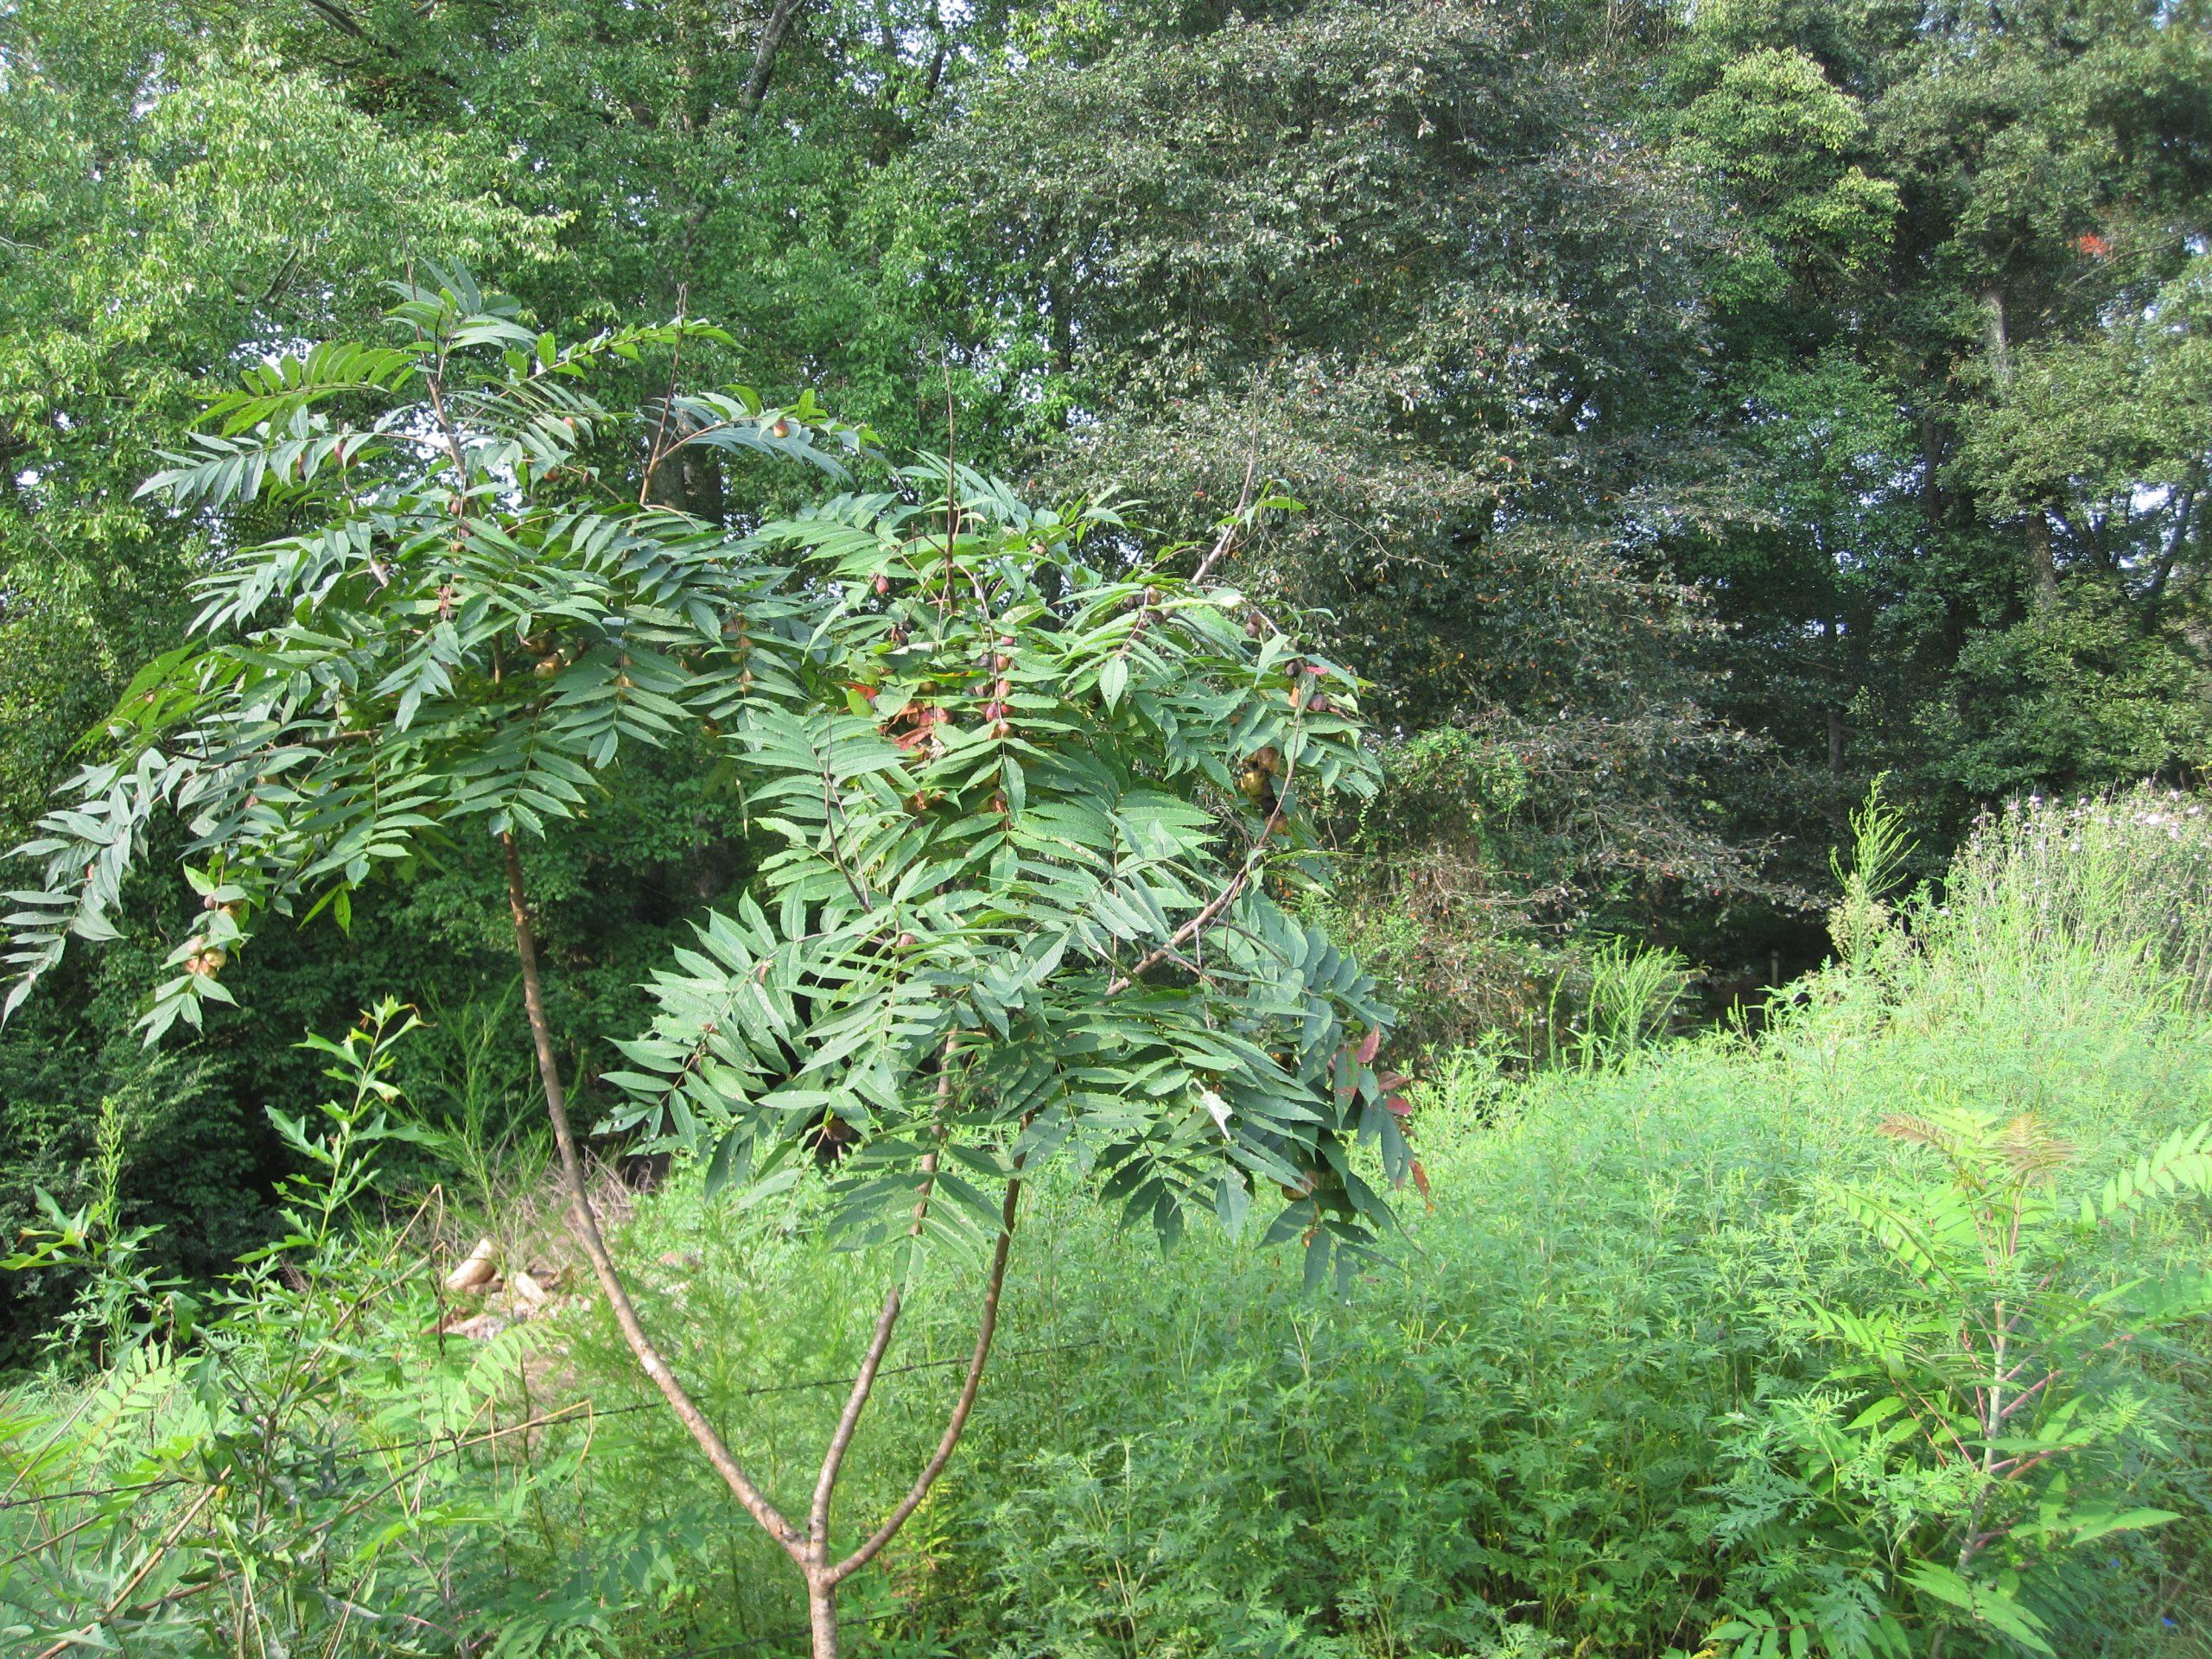 sumac with leaf galls